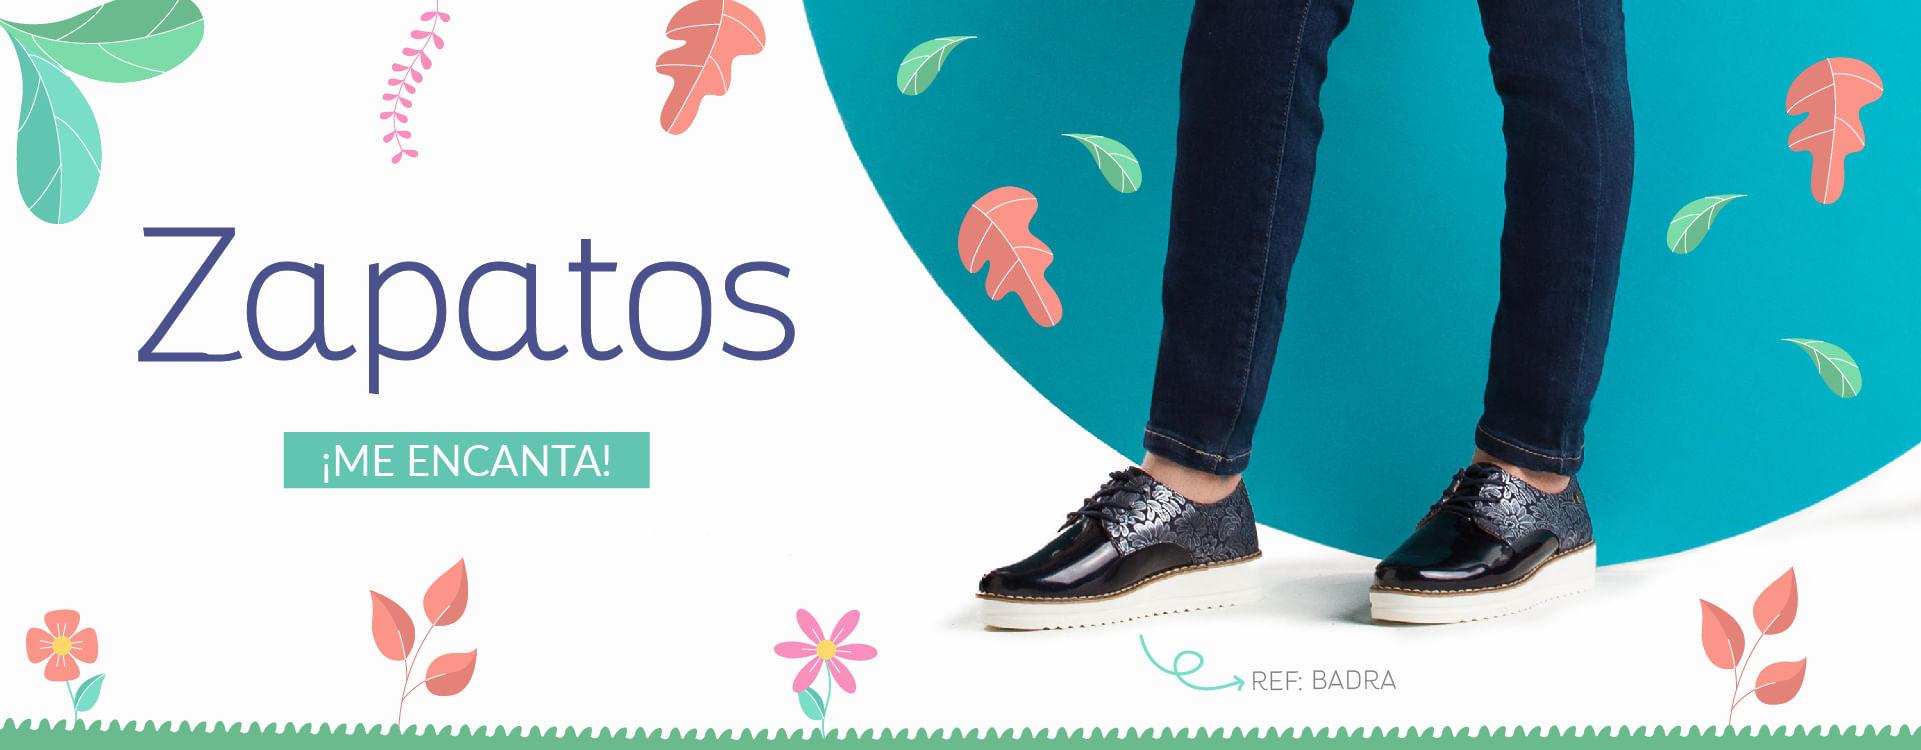 b1f121b18692 Bosi Bambino  Zapatos Tenis y Accesorios para Niños